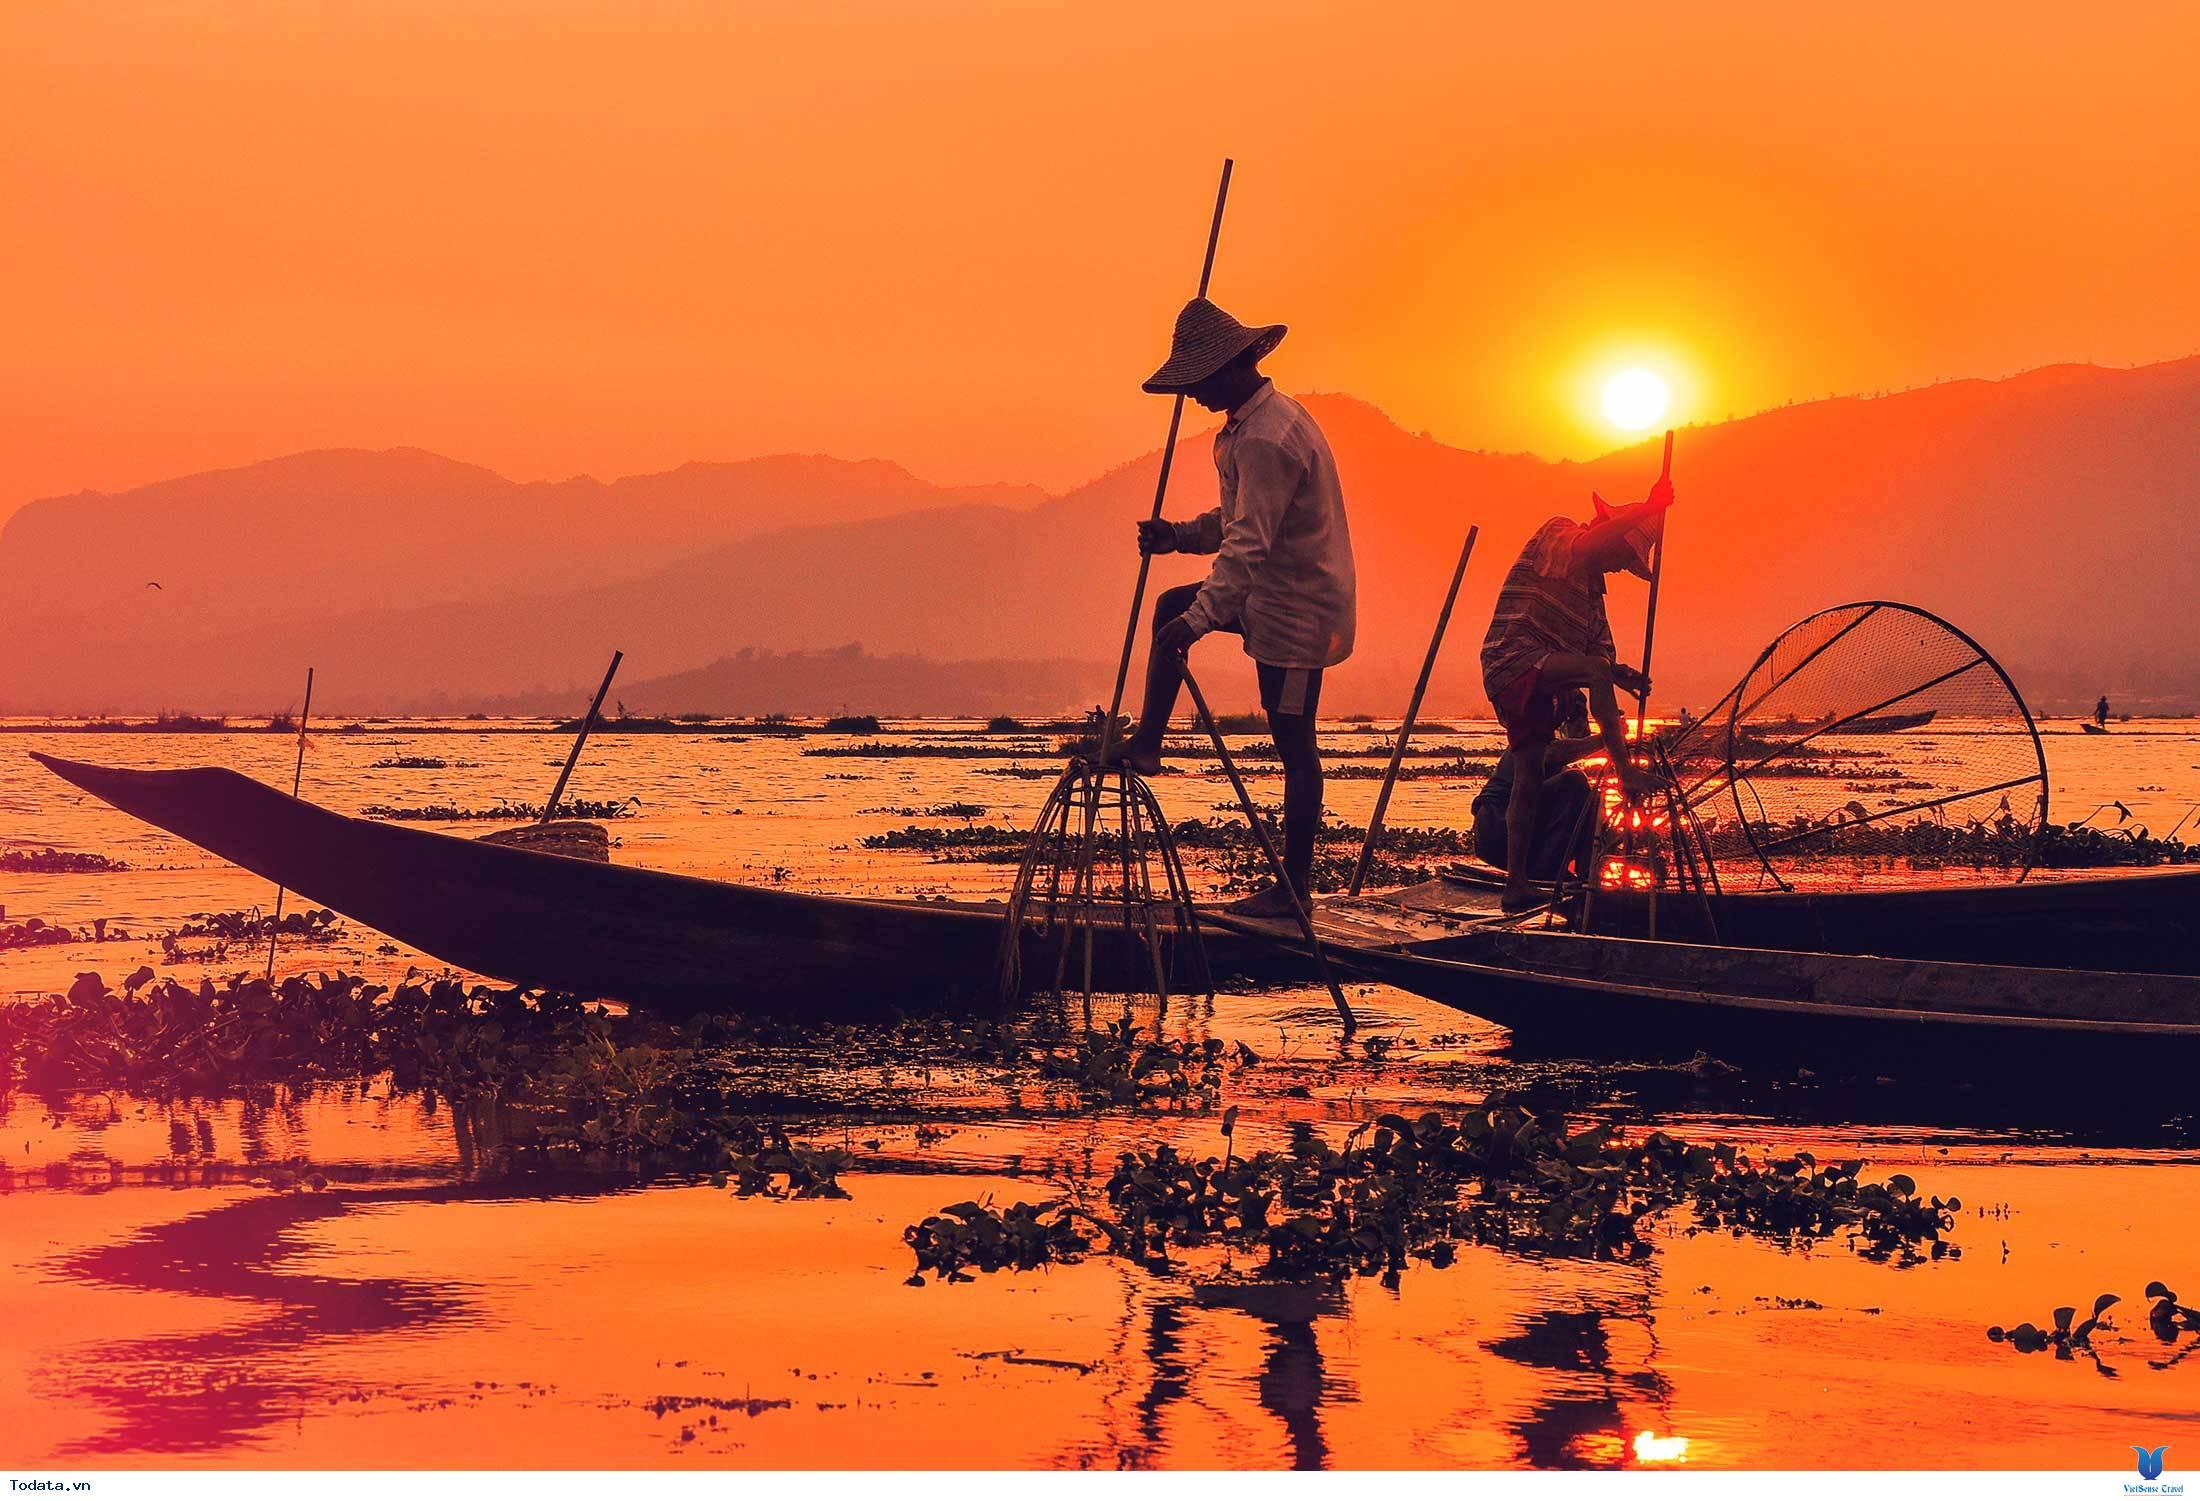 Những Trải Nghiệm Đáng Nhớ Chỉ Có Tại Myanmar - Ảnh 5